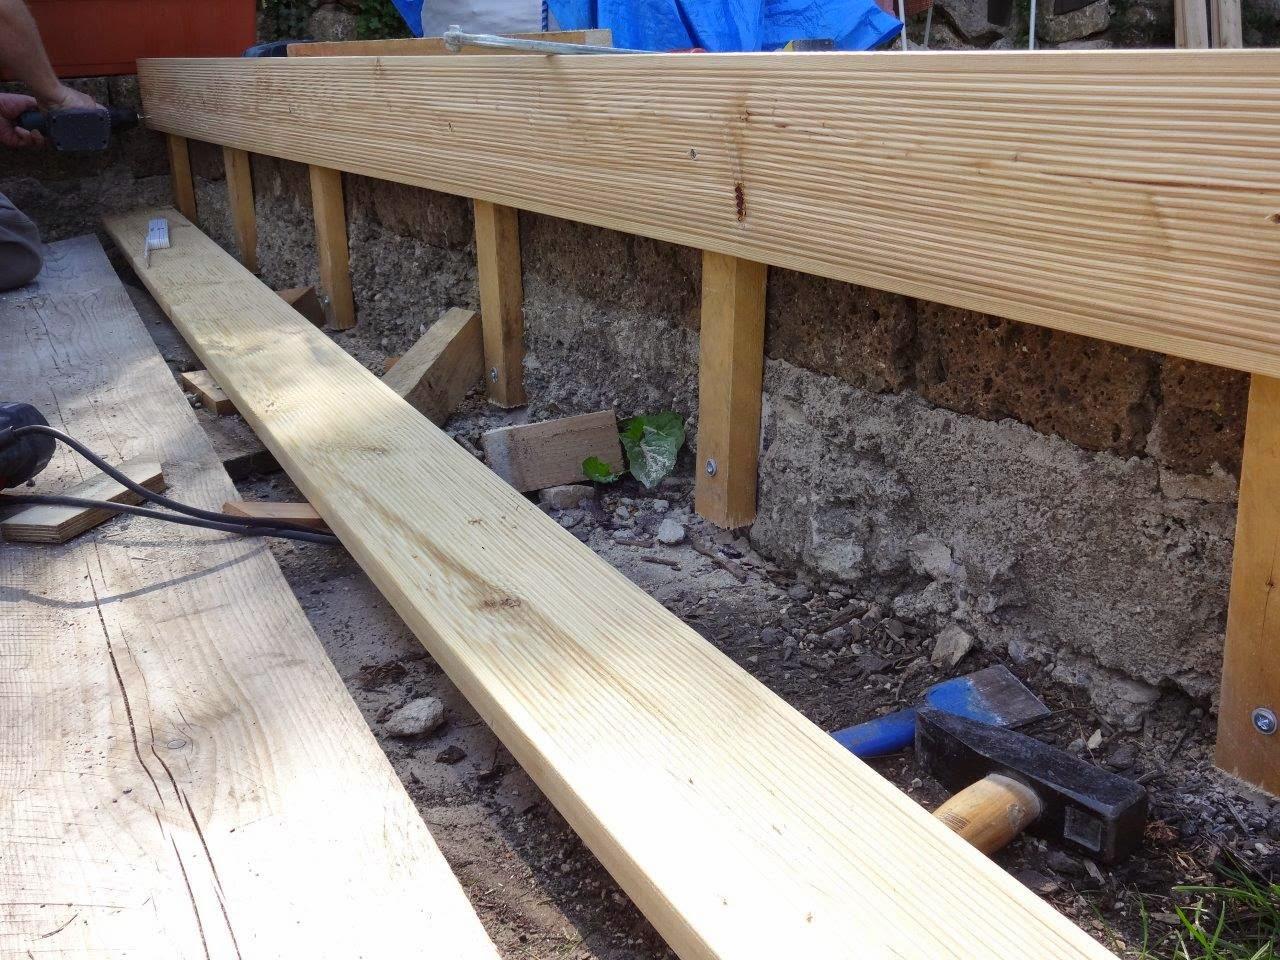 Holz Gelander Verkleiden Aussentreppe Mit Holz Verkleiden Bvrao